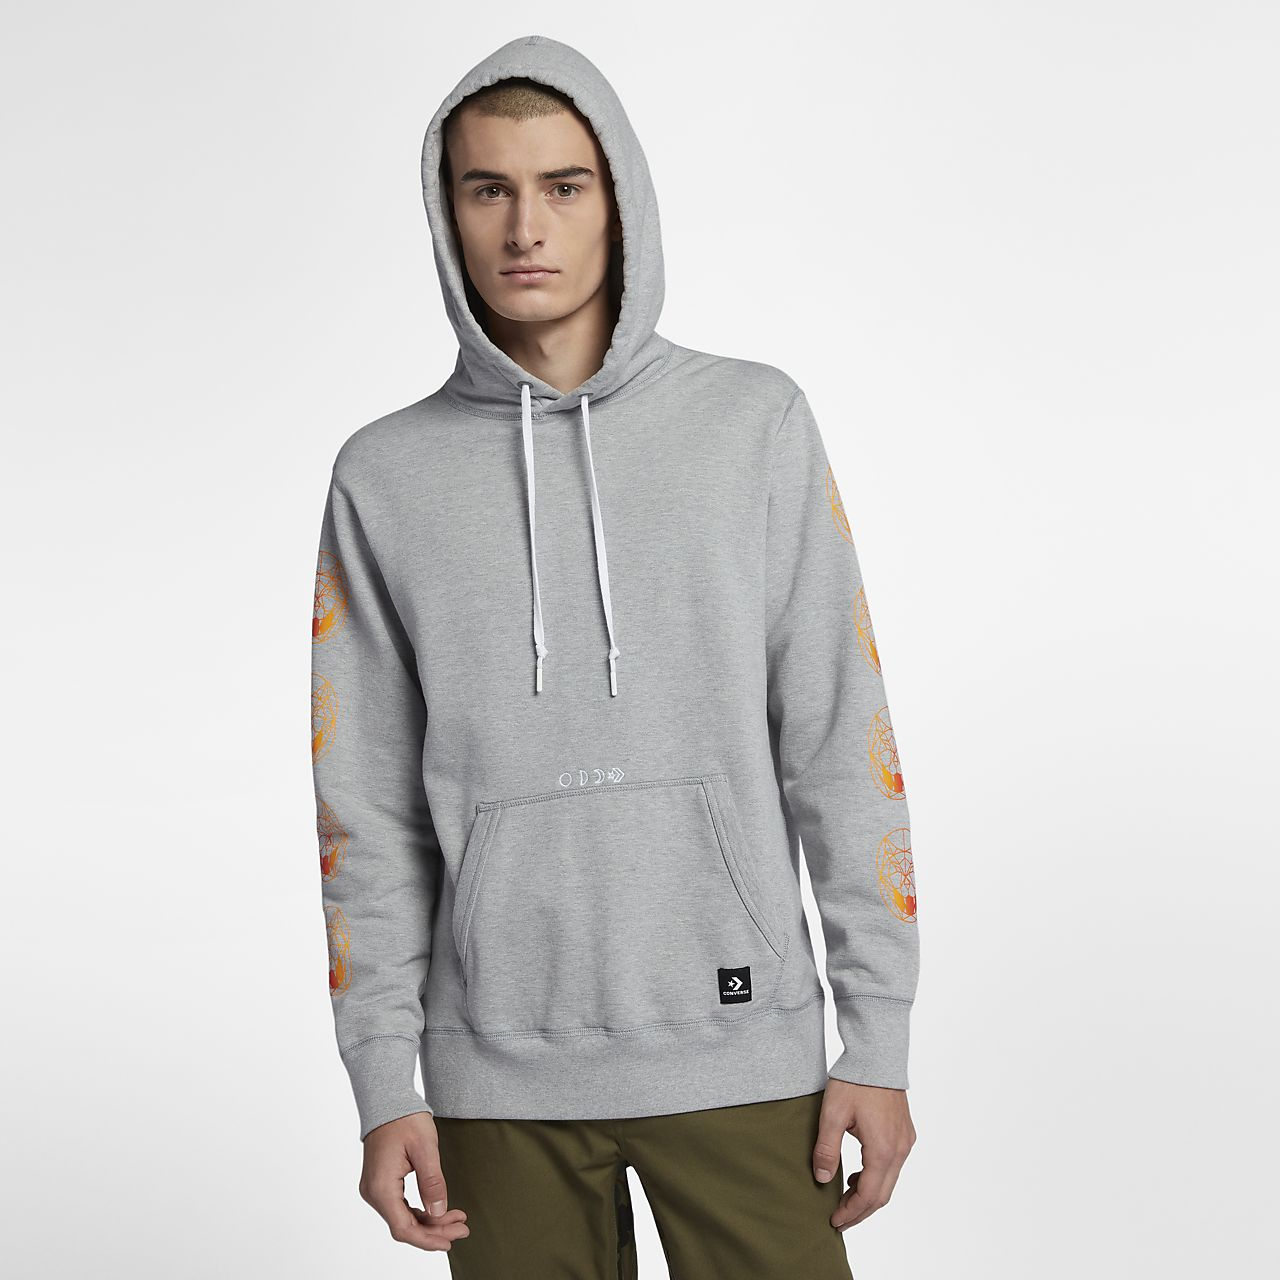 converse grey sweatshirt